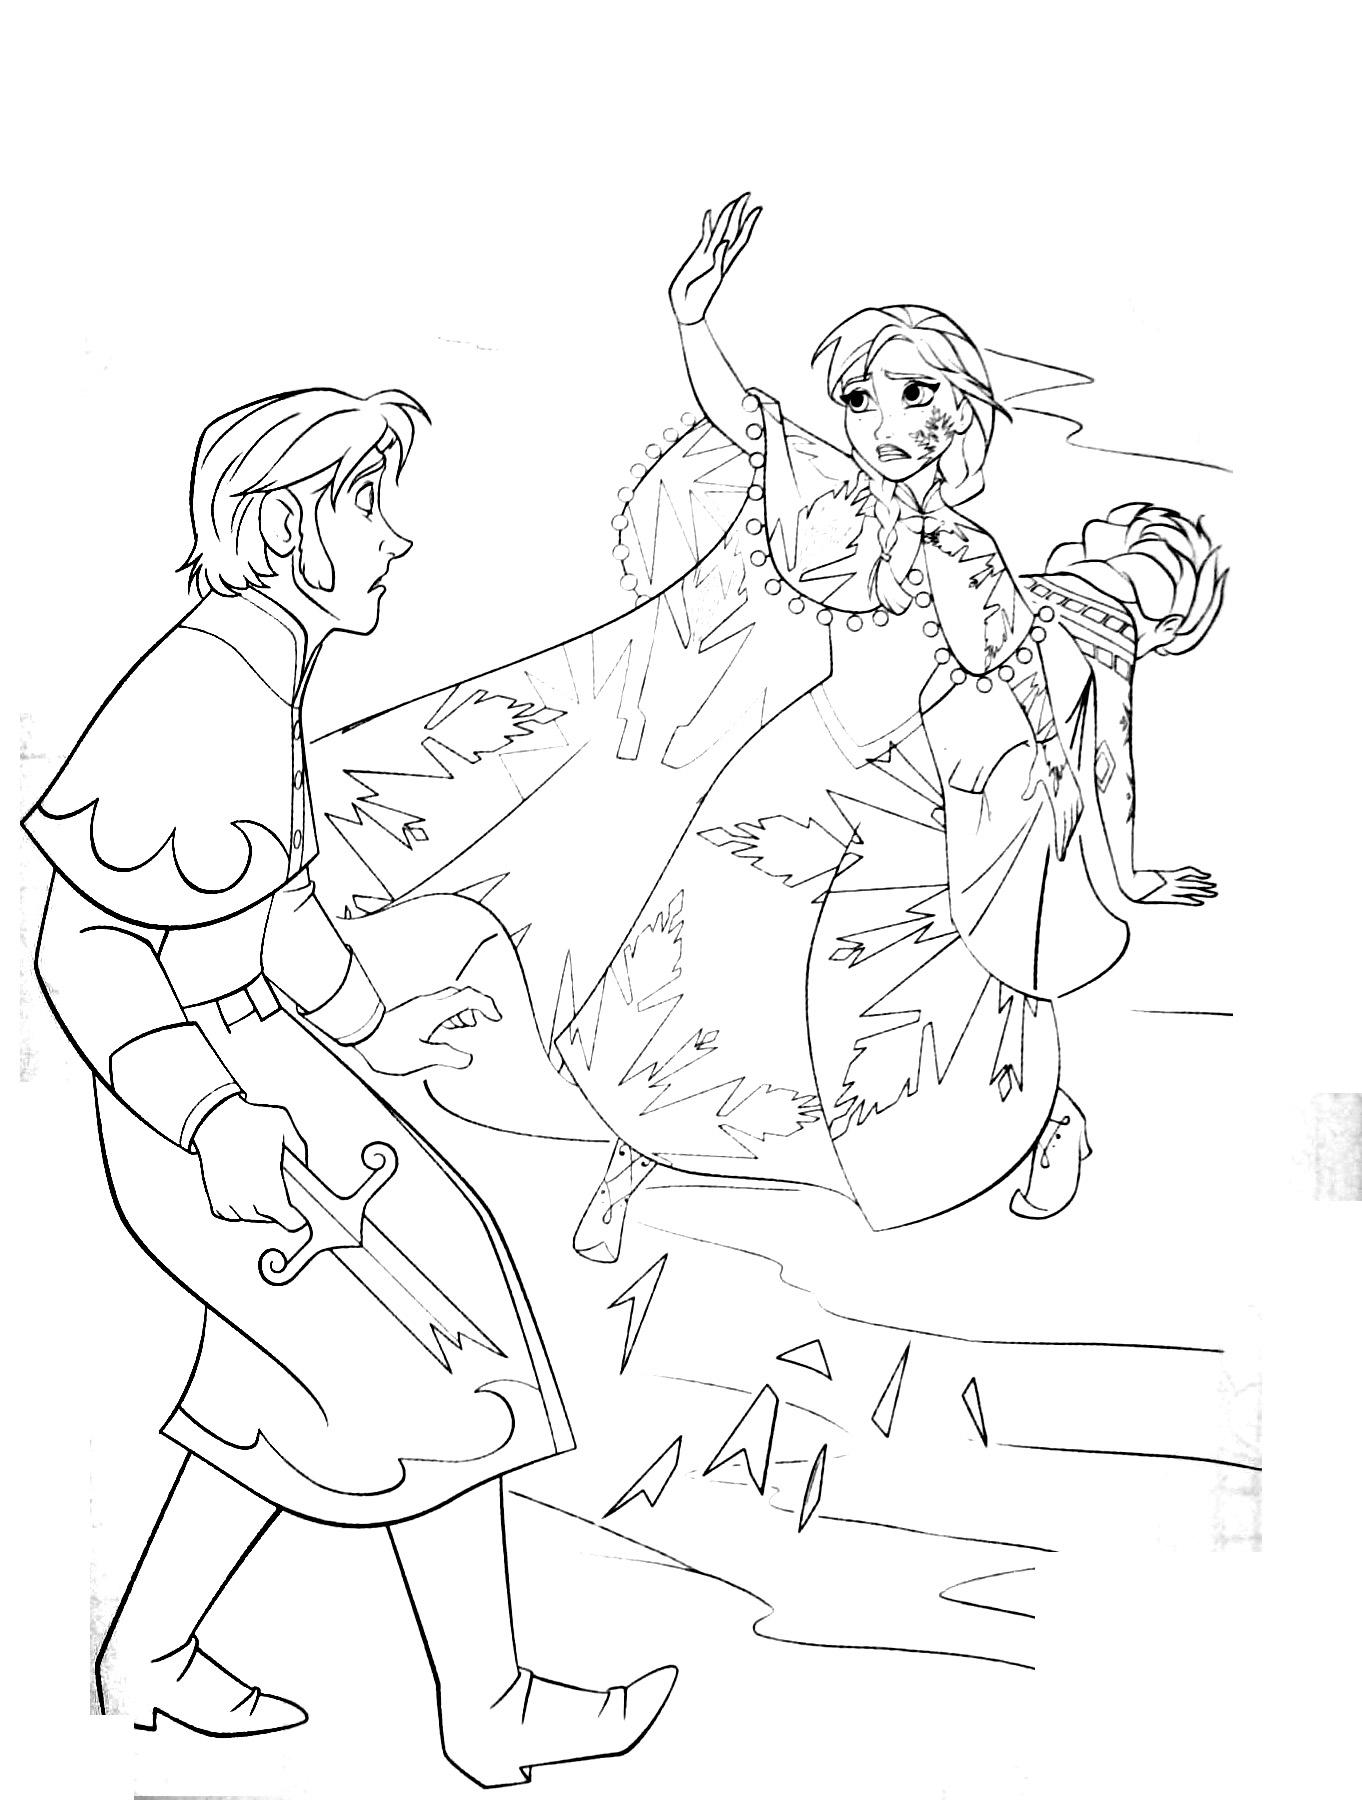 Nos Jeux De Coloriage Reine Des Neiges À Imprimer Gratuit tout Coloriage À Imprimer Gratuit Reine Des Neiges